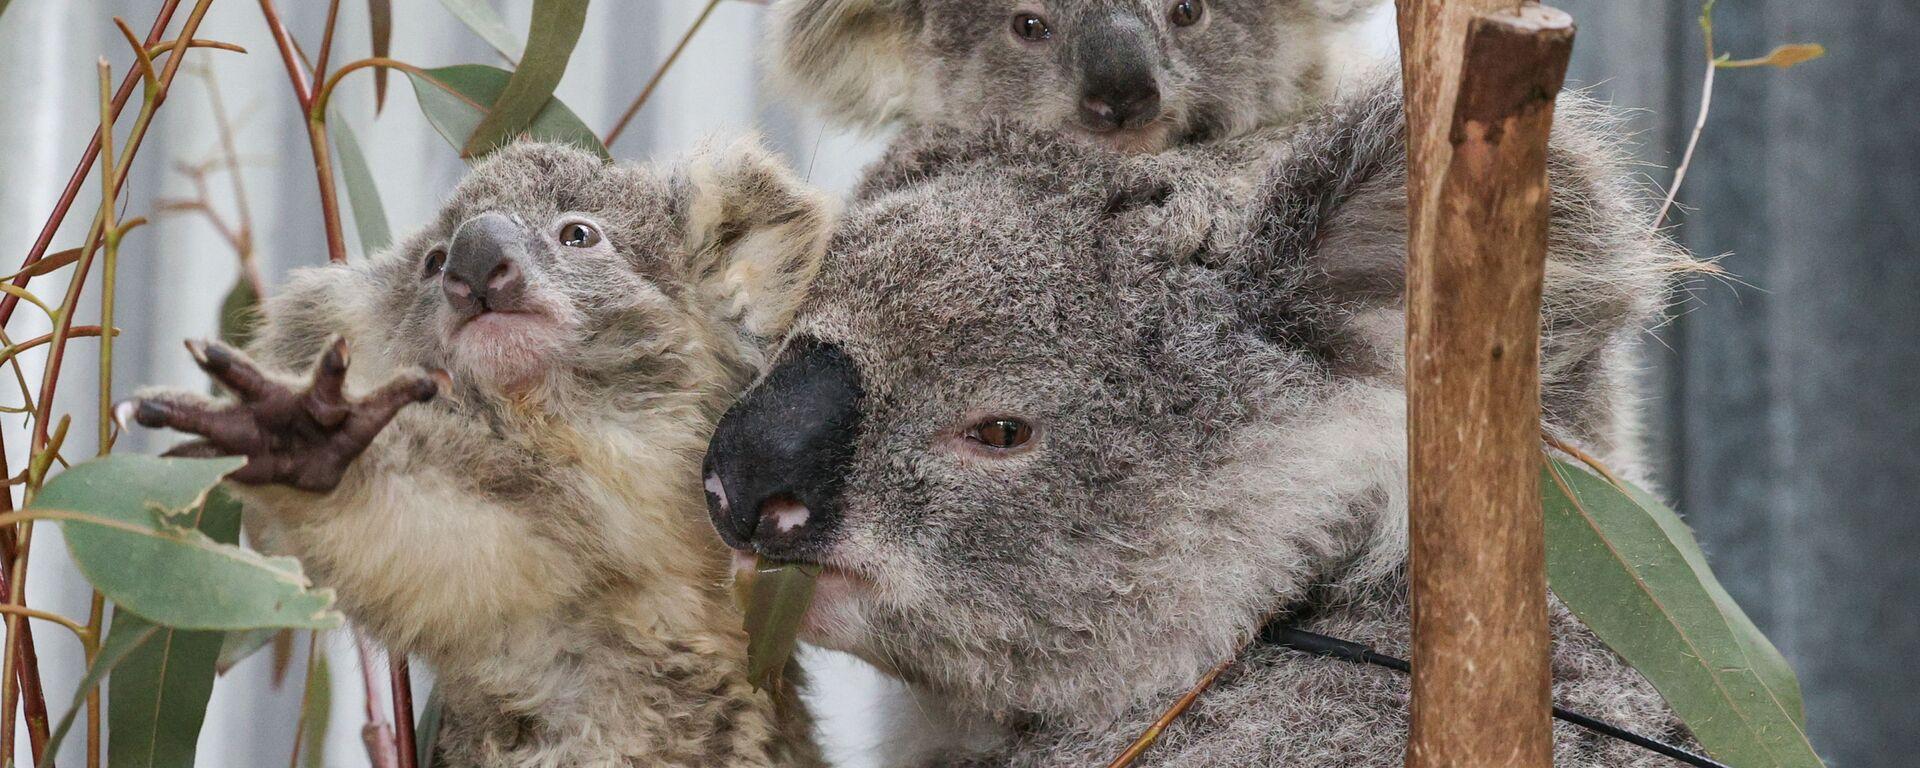 ¿Cómo rescatan a los koalas afectados por los incendios forestales? - Sputnik Mundo, 1920, 20.10.2020